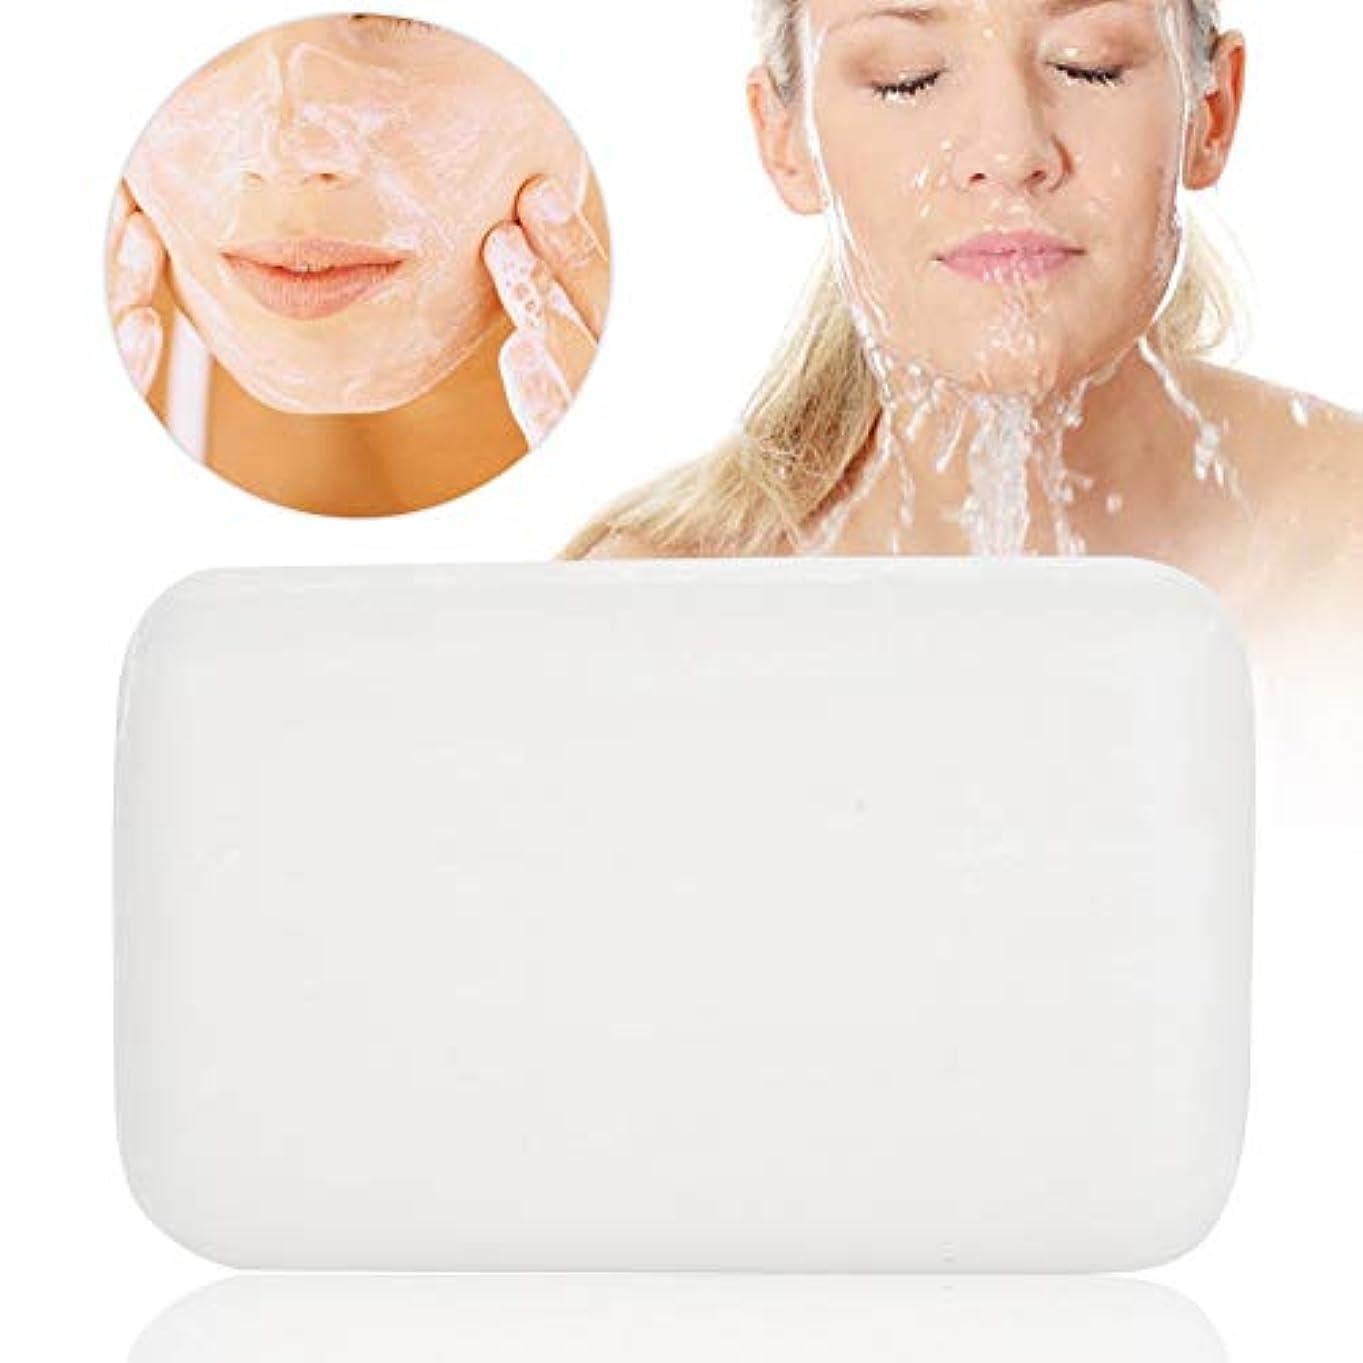 脳息切れ放棄する洗顔石鹸 石鹸 シミ取り! 洗顔石けん 無添加 低刺激性 化粧石鹸(洗顔?全身用) せっけん バスサイズ